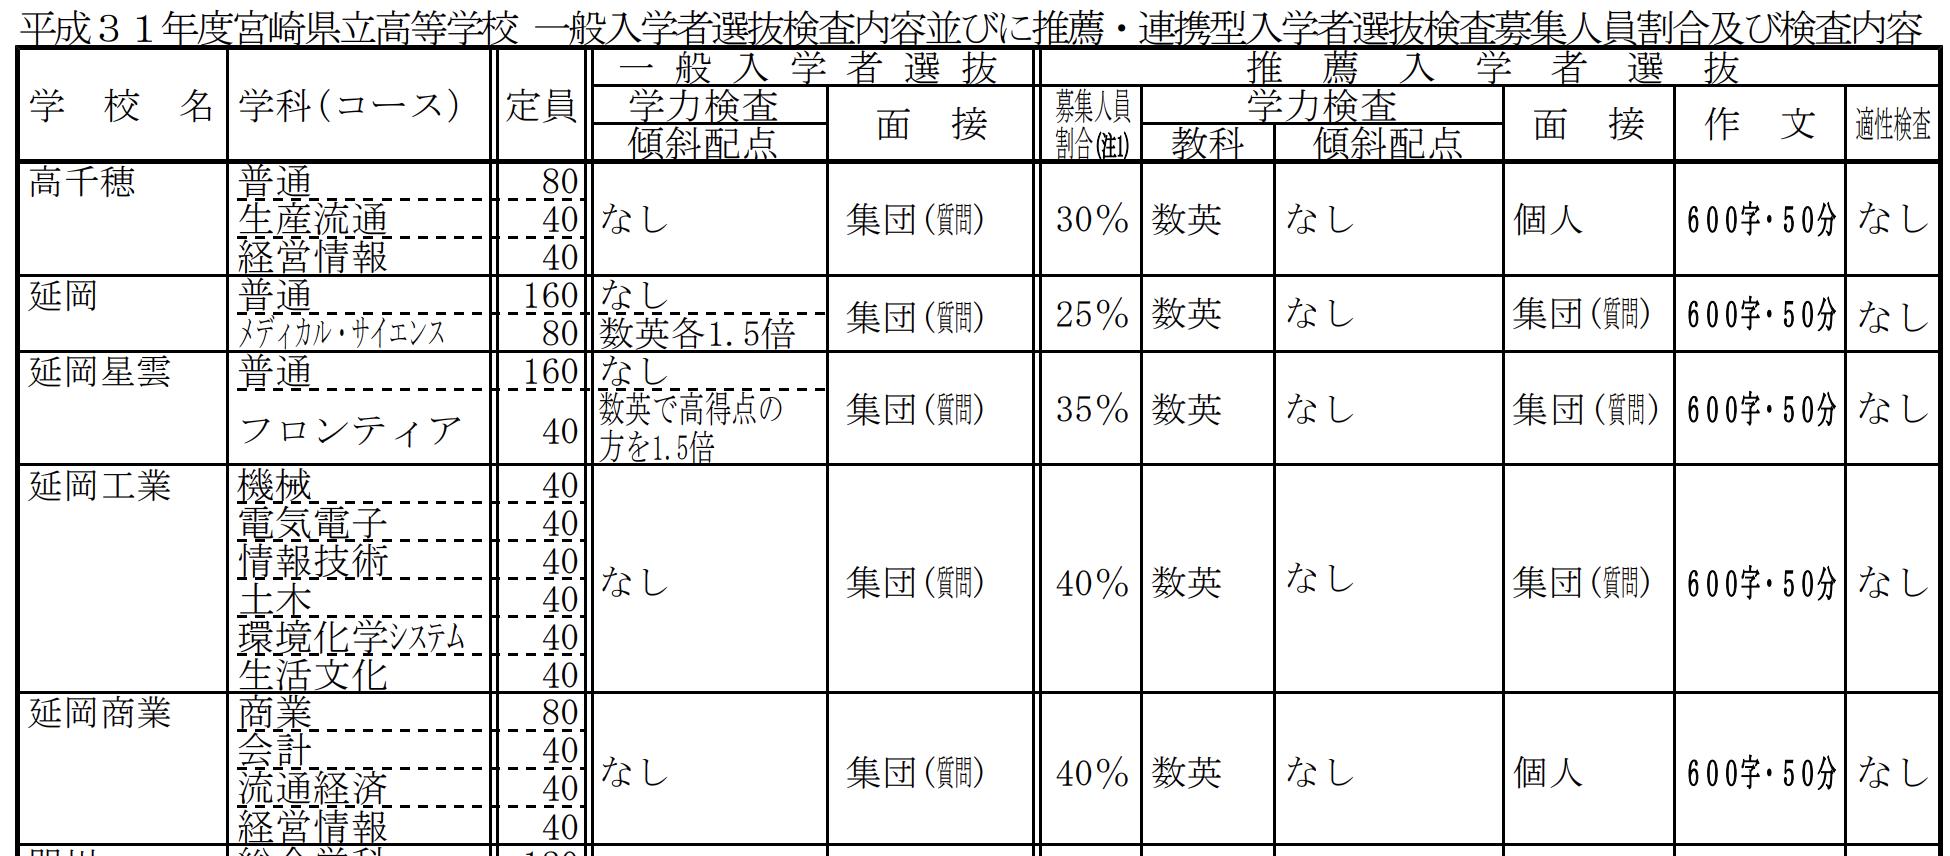 宮崎県公立高校入試、推薦の定員